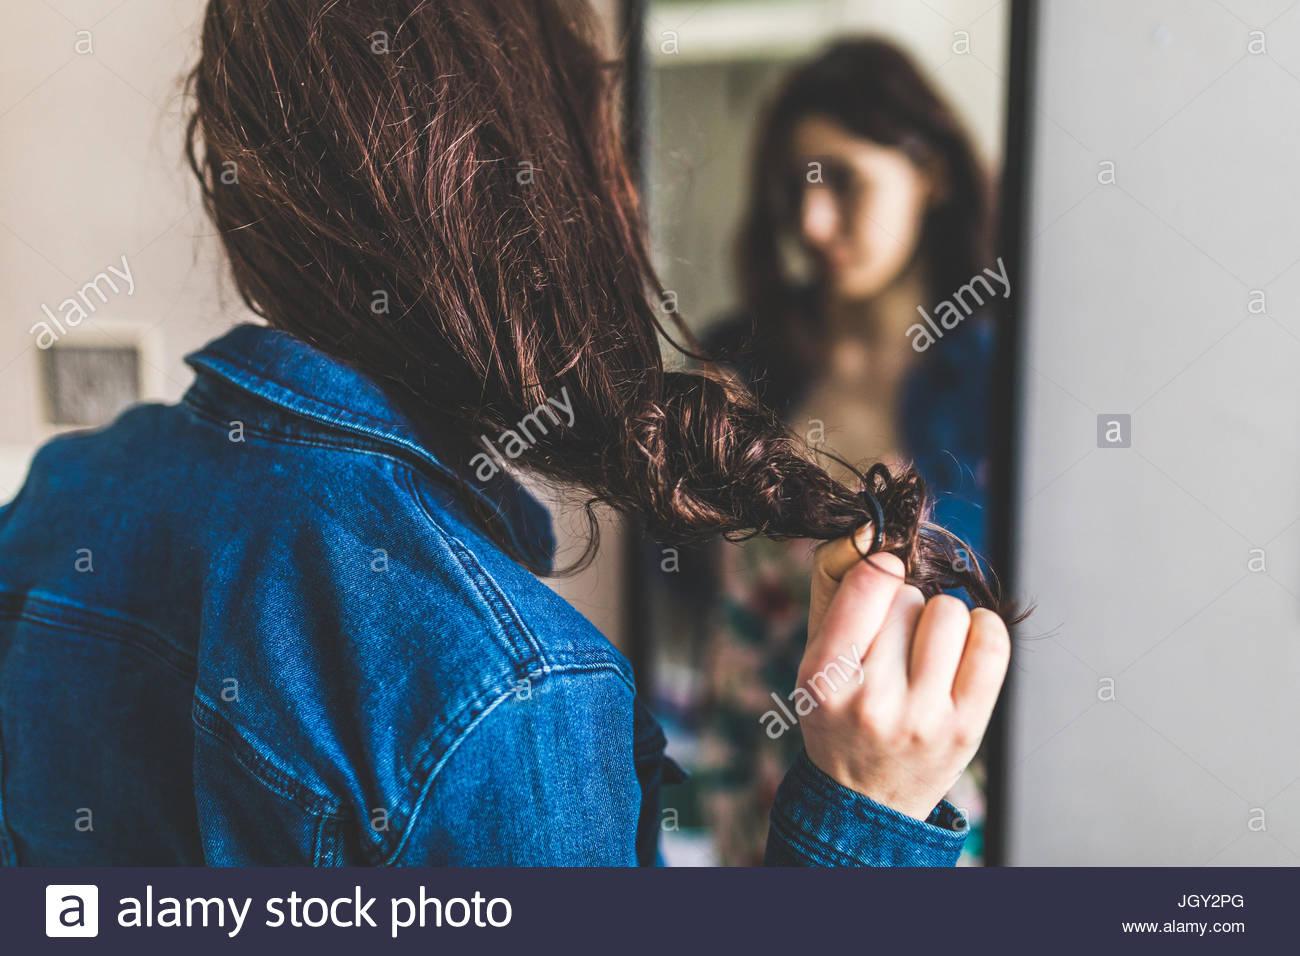 Junge Frau vor Spiegel steht, ziehen Haarband aus Haar, Rückansicht Stockbild